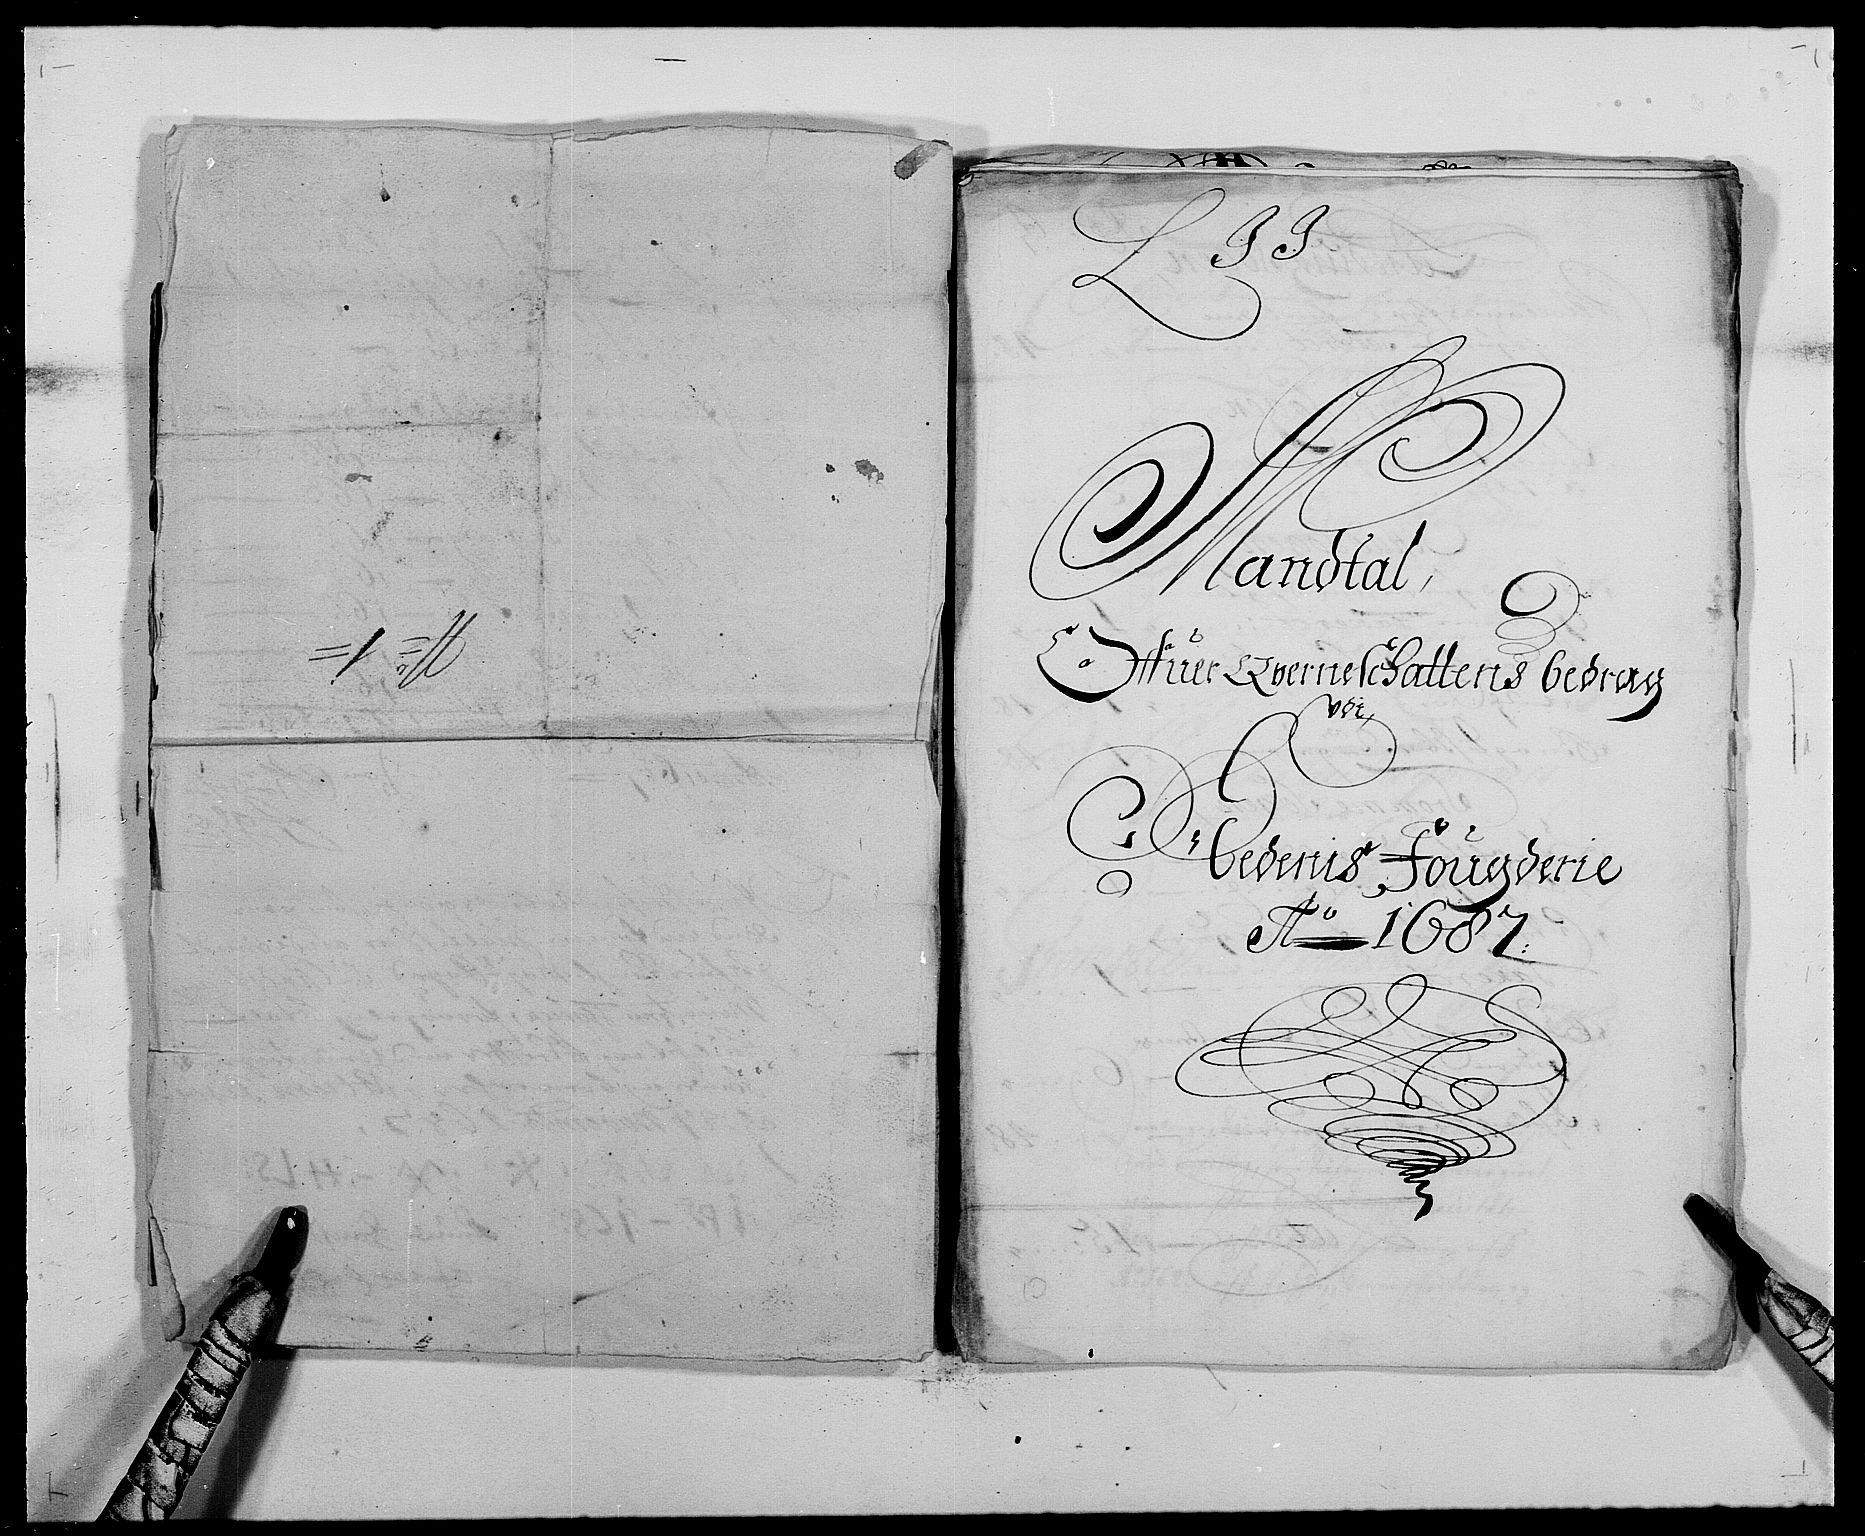 RA, Rentekammeret inntil 1814, Reviderte regnskaper, Fogderegnskap, R39/L2309: Fogderegnskap Nedenes, 1684-1689, s. 93